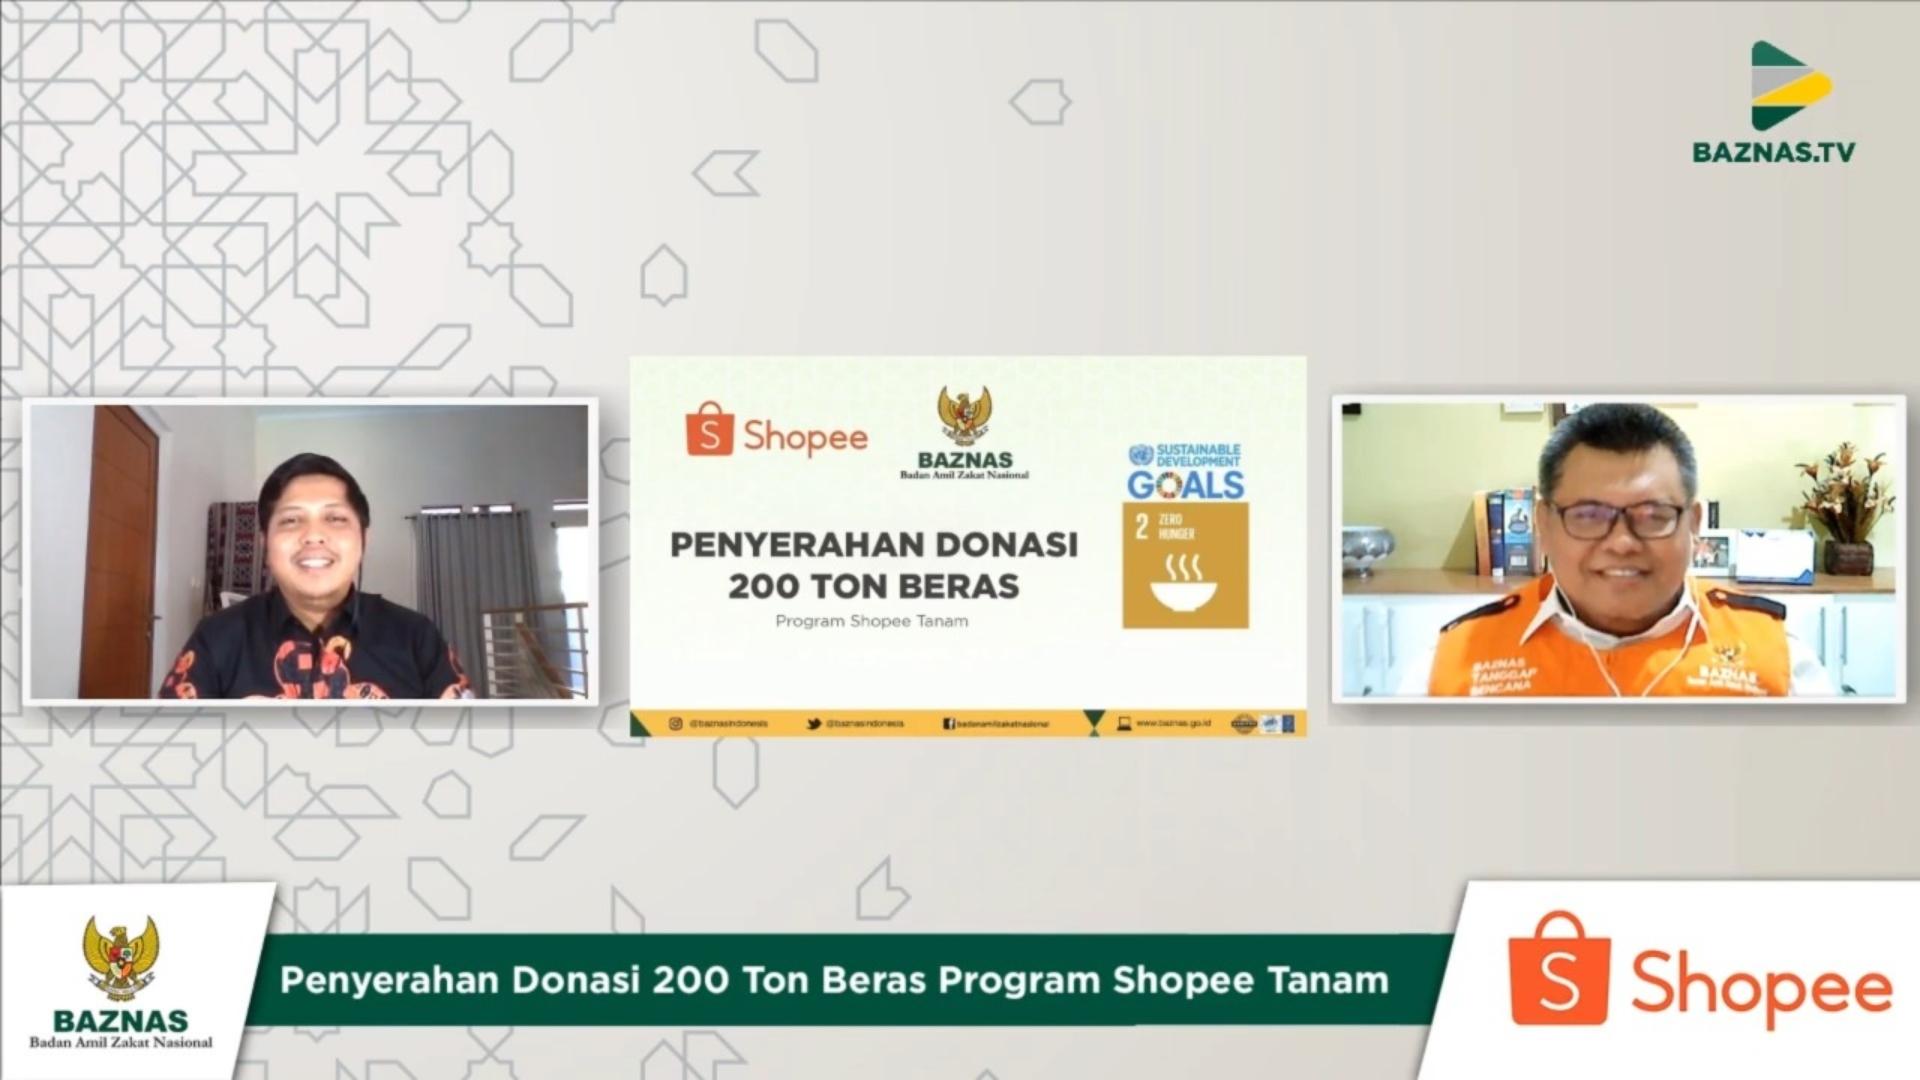 BAZNAS dan Shopee Kumpulkan Donasi Mencapai 200 Ton Beras